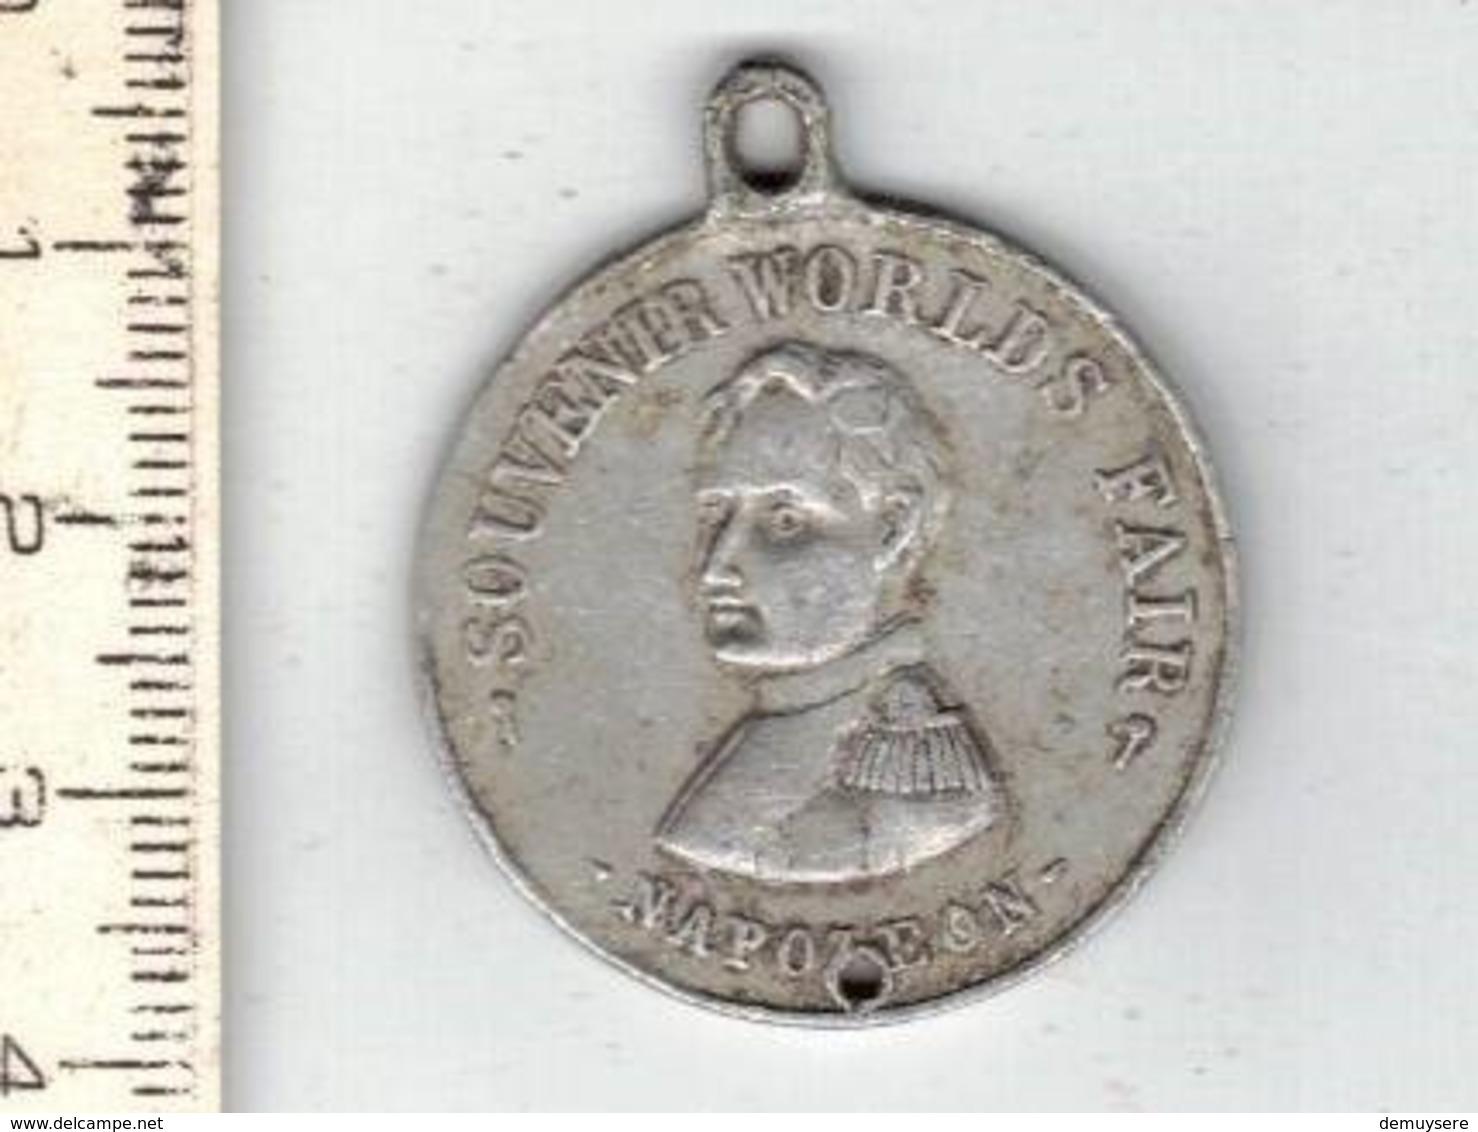 186 -  MEDAILLE - SOUVENIR WORLDS FAIR NAPOLEON - ST LOUIS 1904 - LEFFERSON - Belgium